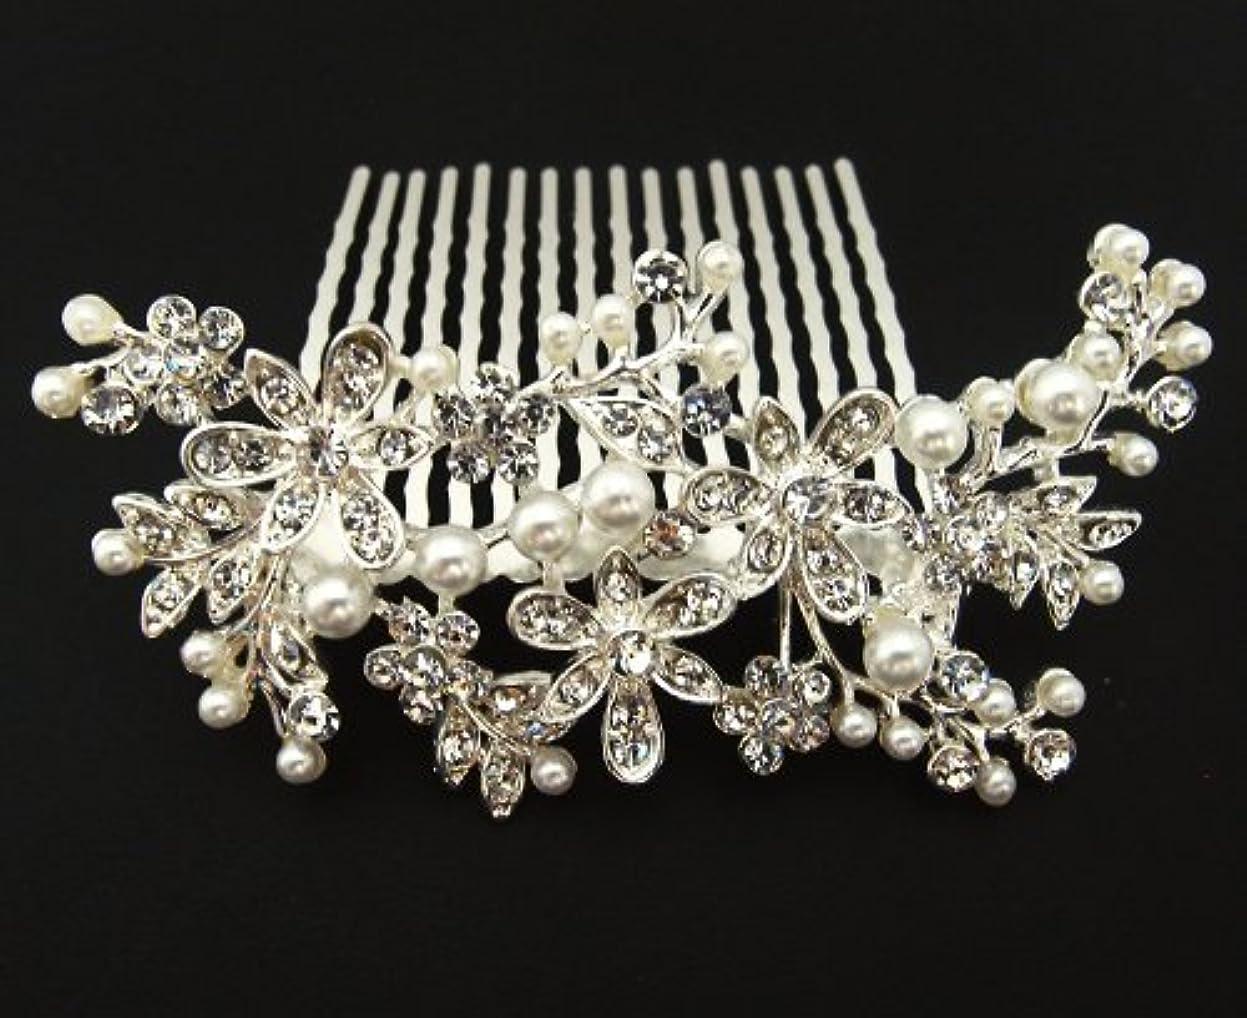 無線ビリー悪夢beautiful white Silver Color bridal wedding hair comb pearl and crystal #5 [並行輸入品]